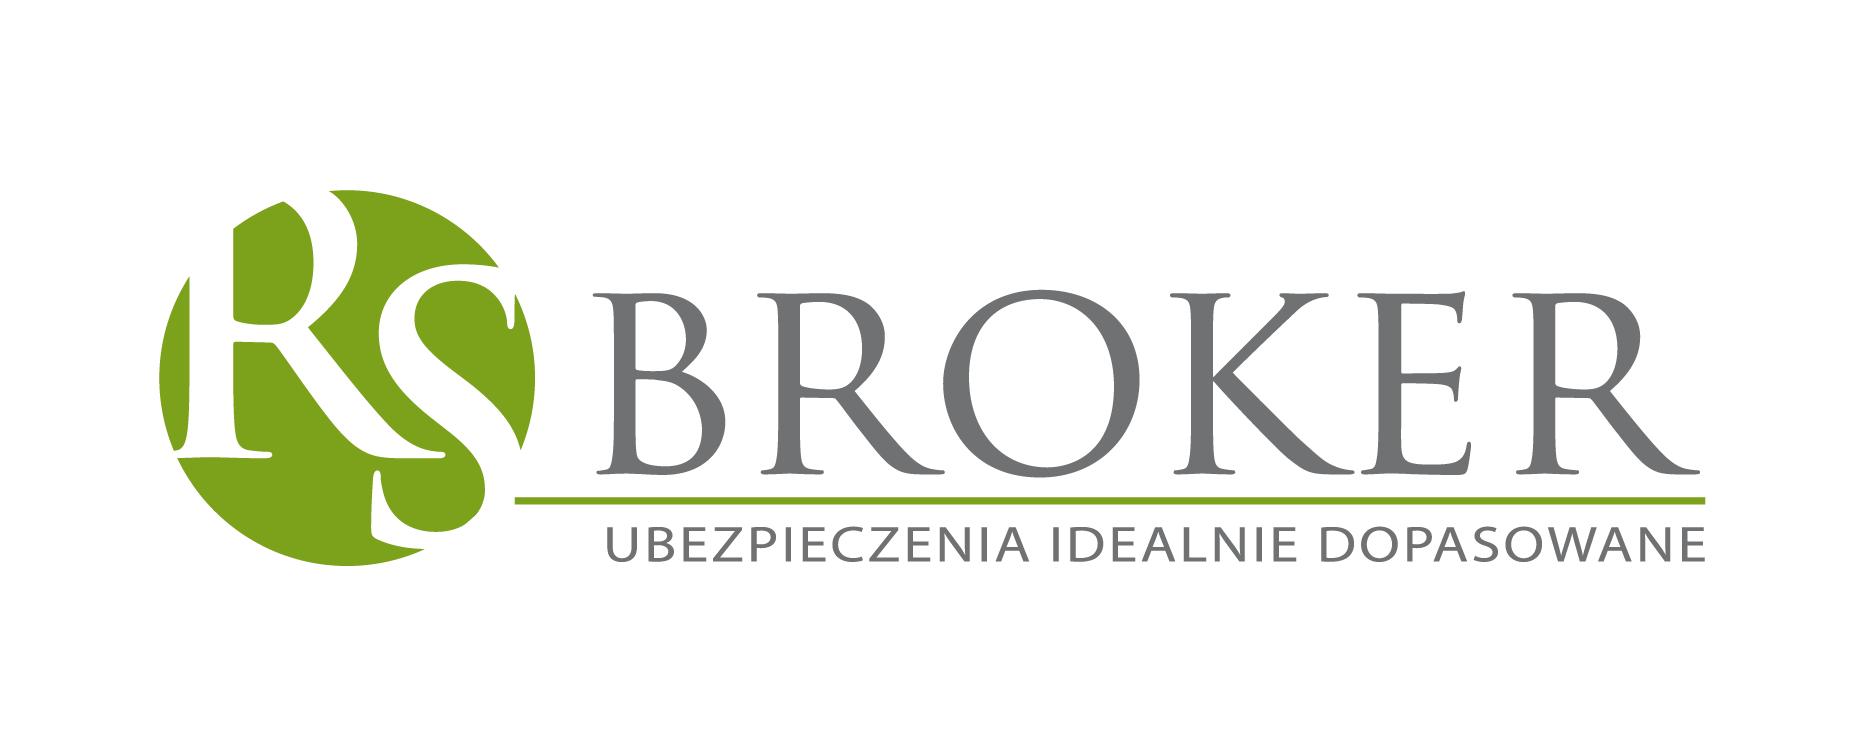 R.S. BROKER